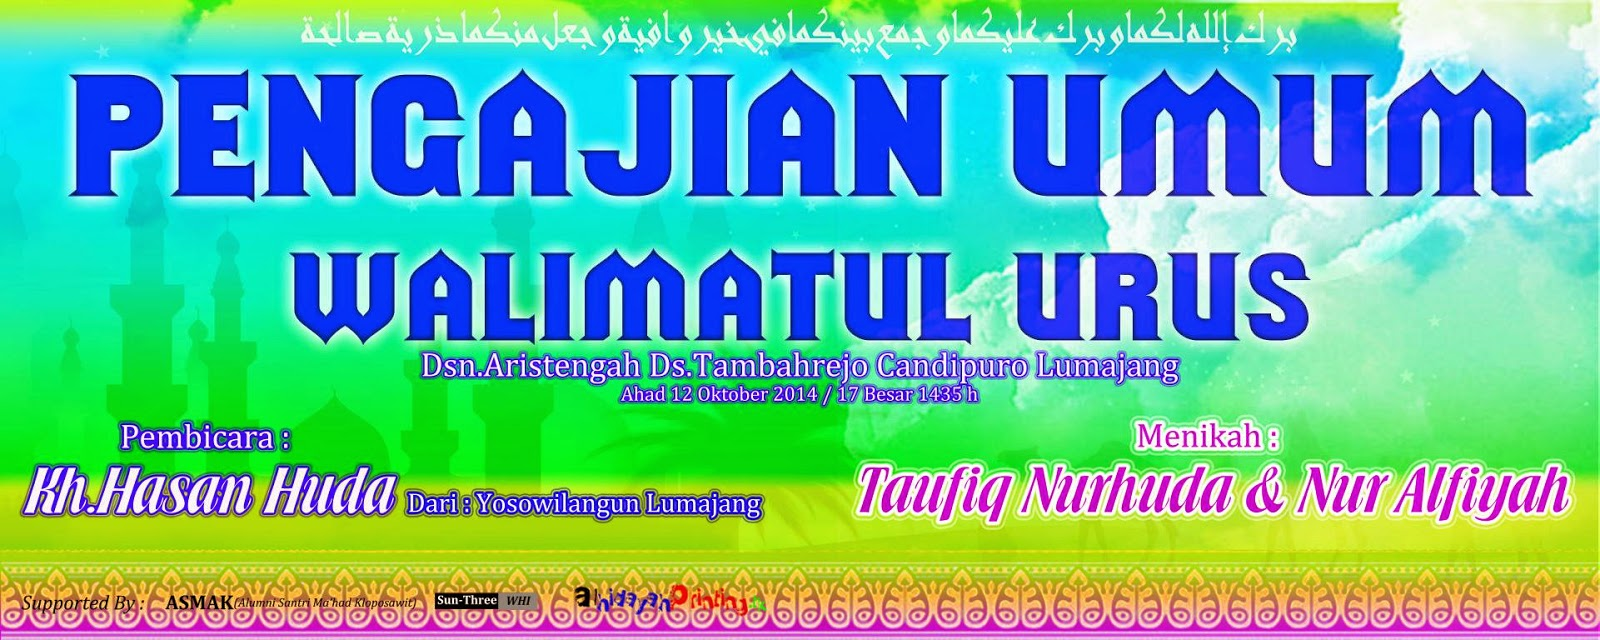 31+ Populer Banner Pengajian Pernikahan, Banner Pernikahan